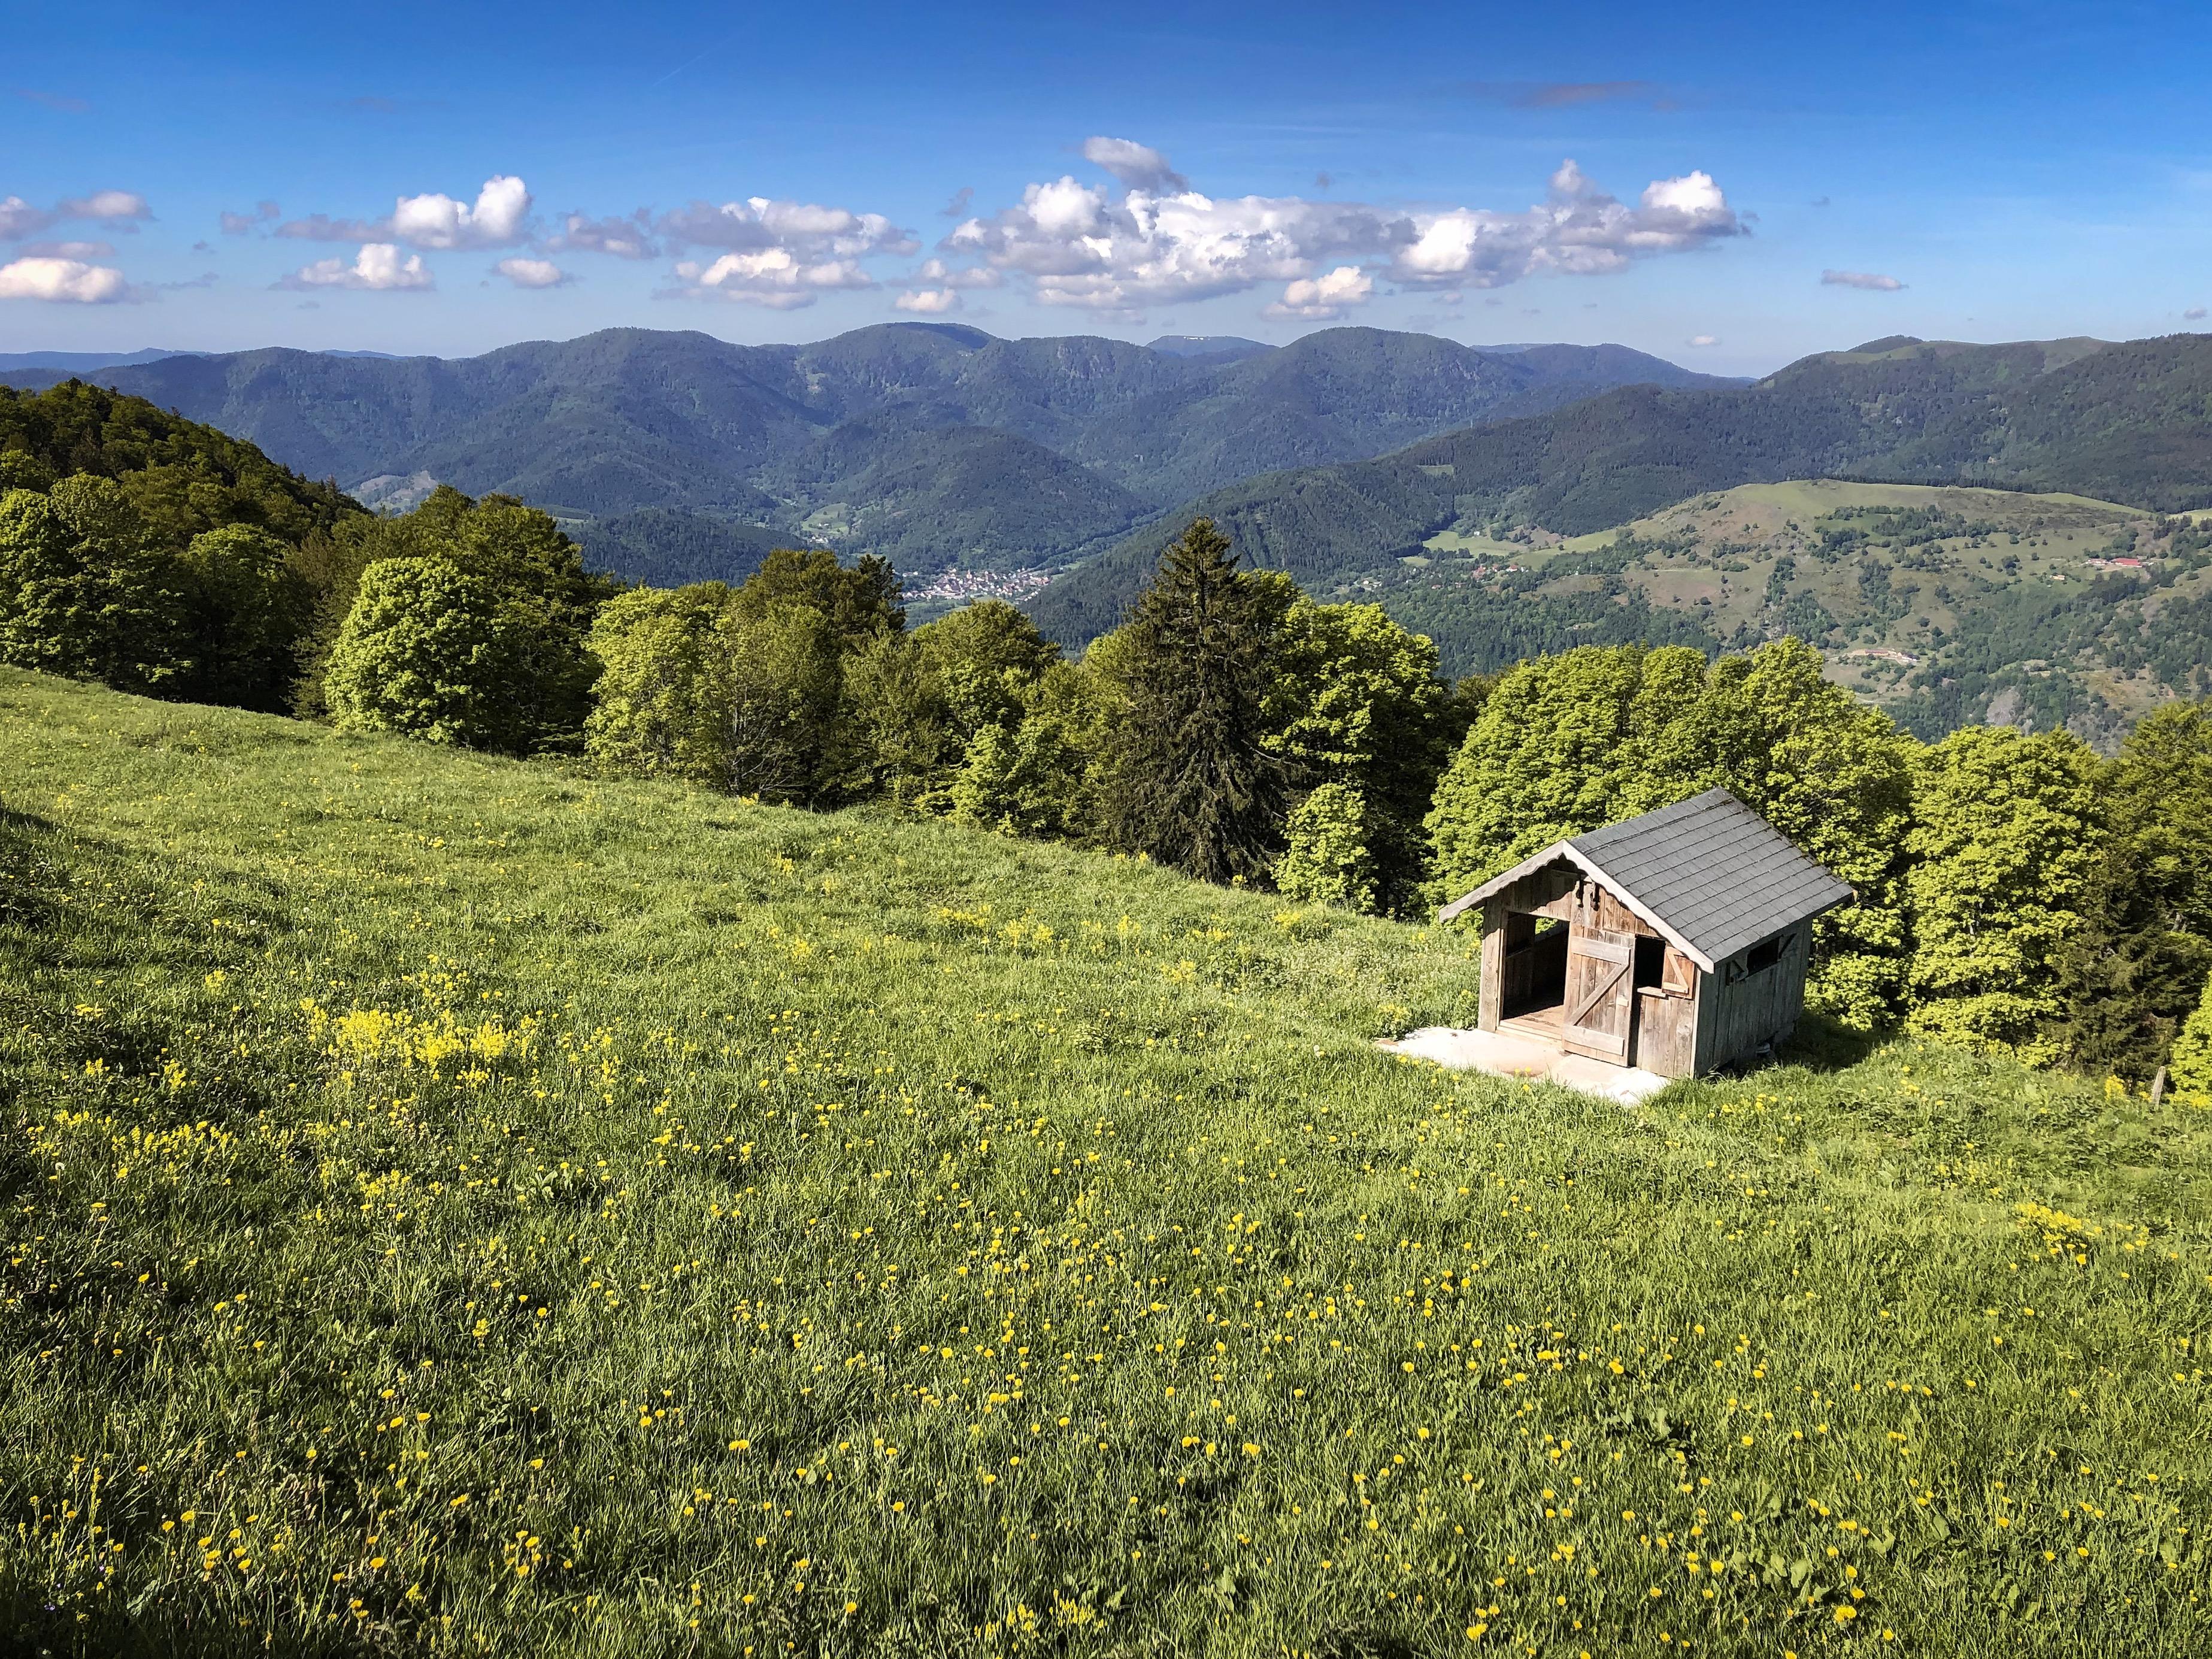 Caban d'enfant à la ferme-auberge du Treh dans les Vosges à l'occasion d'une randonnée